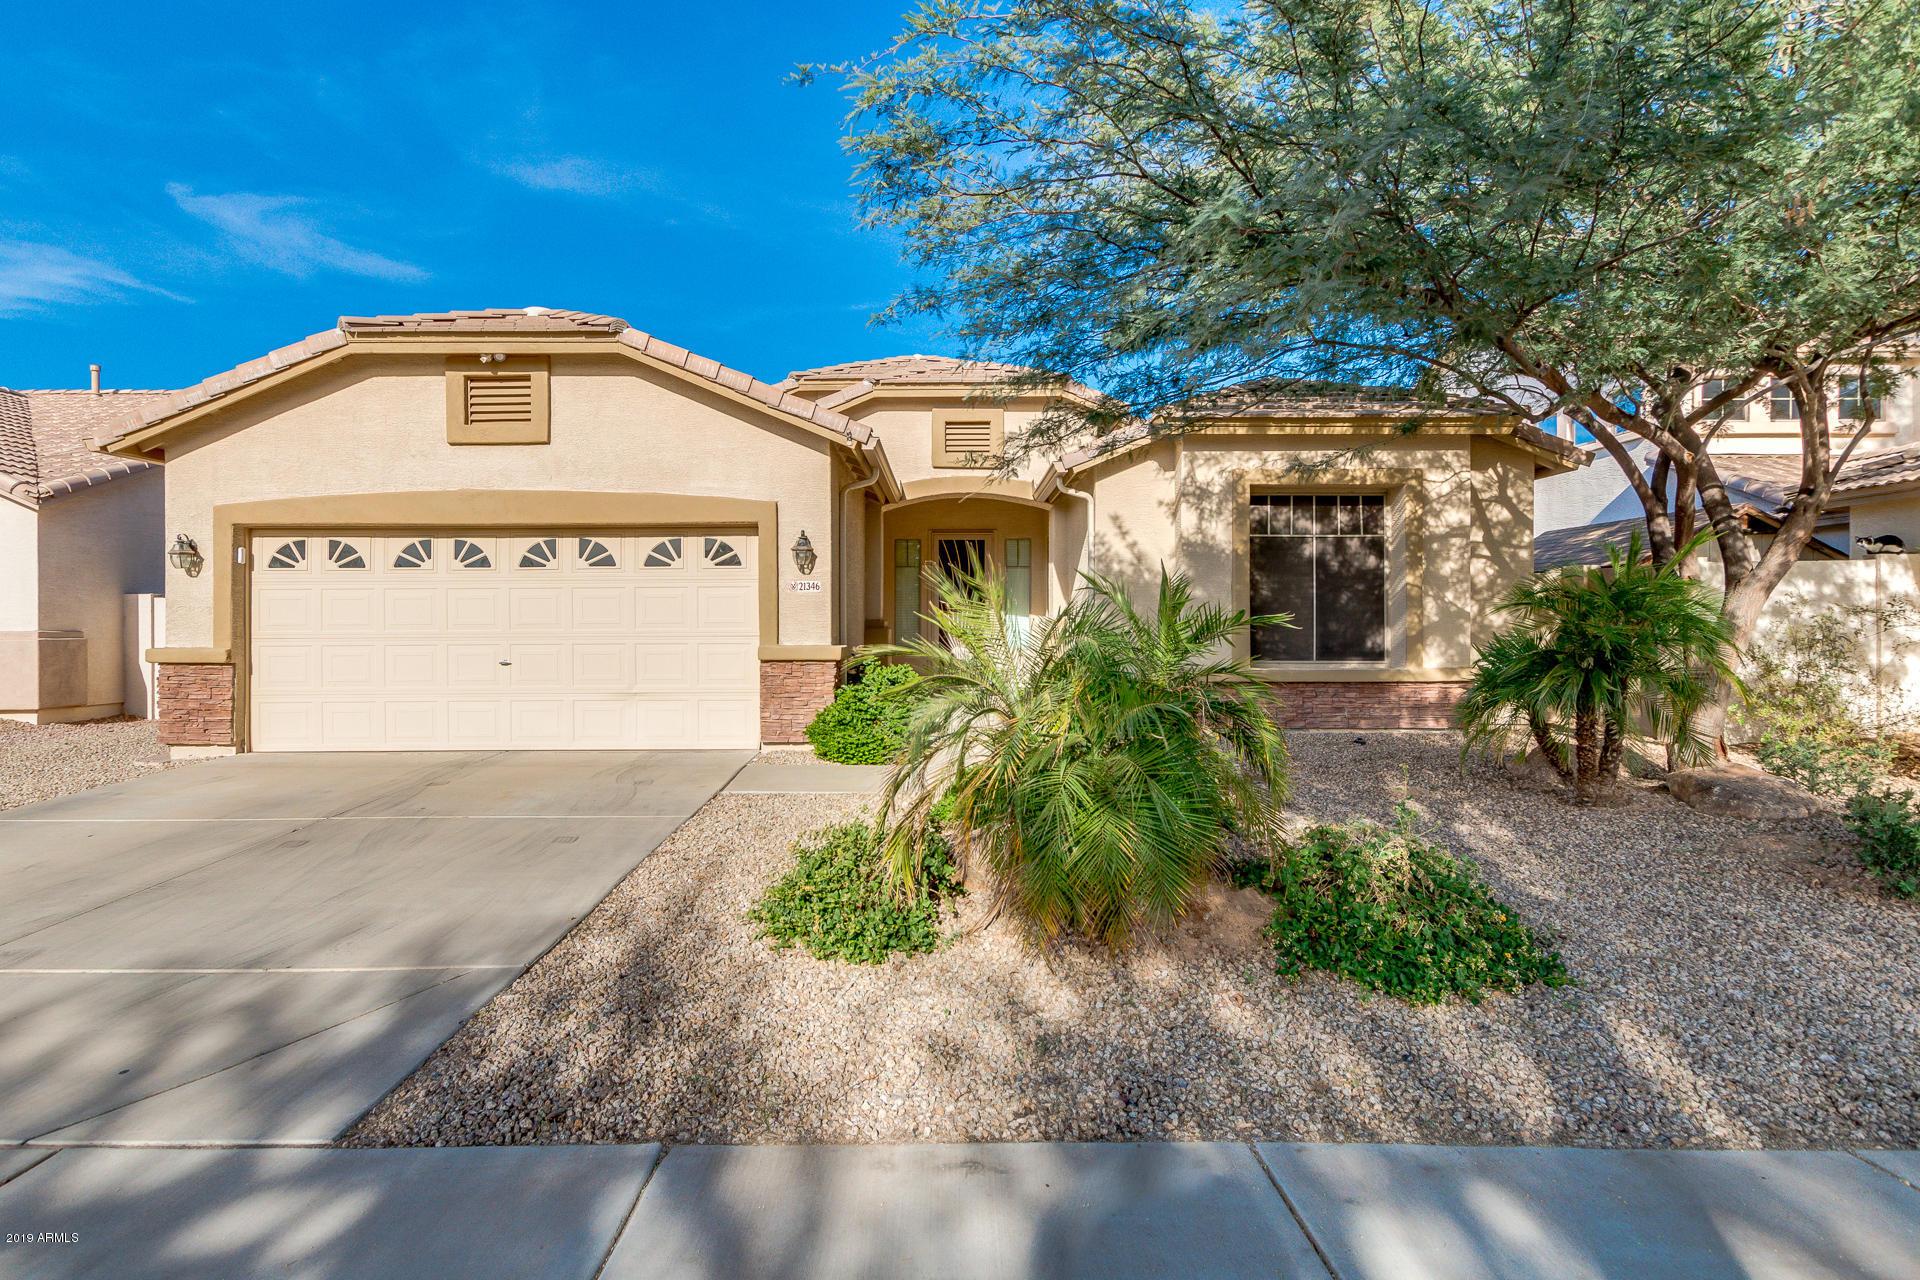 21346 E CALLE DE FLORES --, Queen Creek, Arizona 85142, 3 Bedrooms Bedrooms, ,Residential Lease,For Rent,21346 E CALLE DE FLORES --,5916176